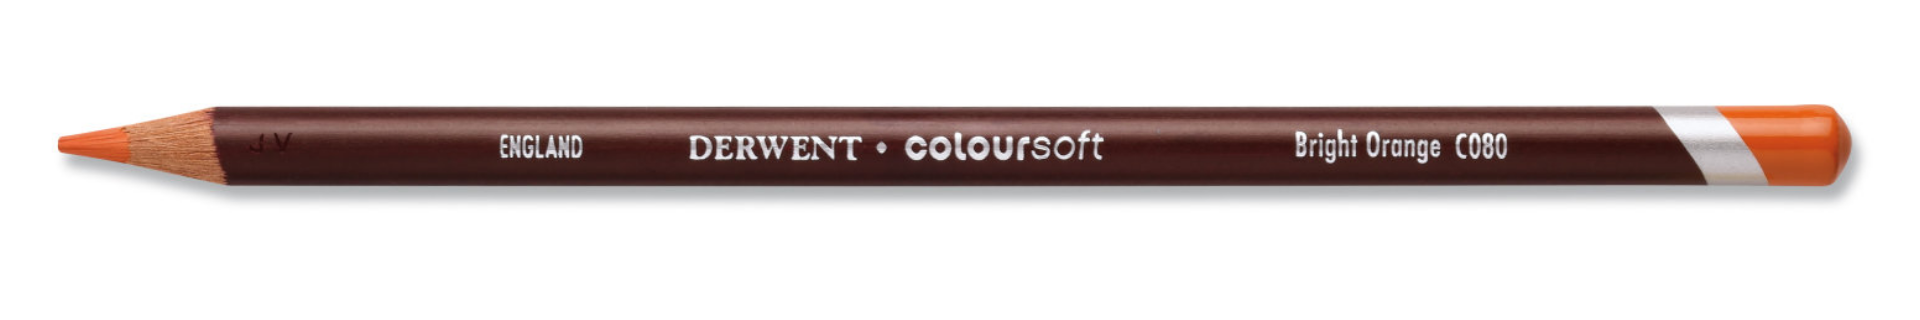 Coloursoft